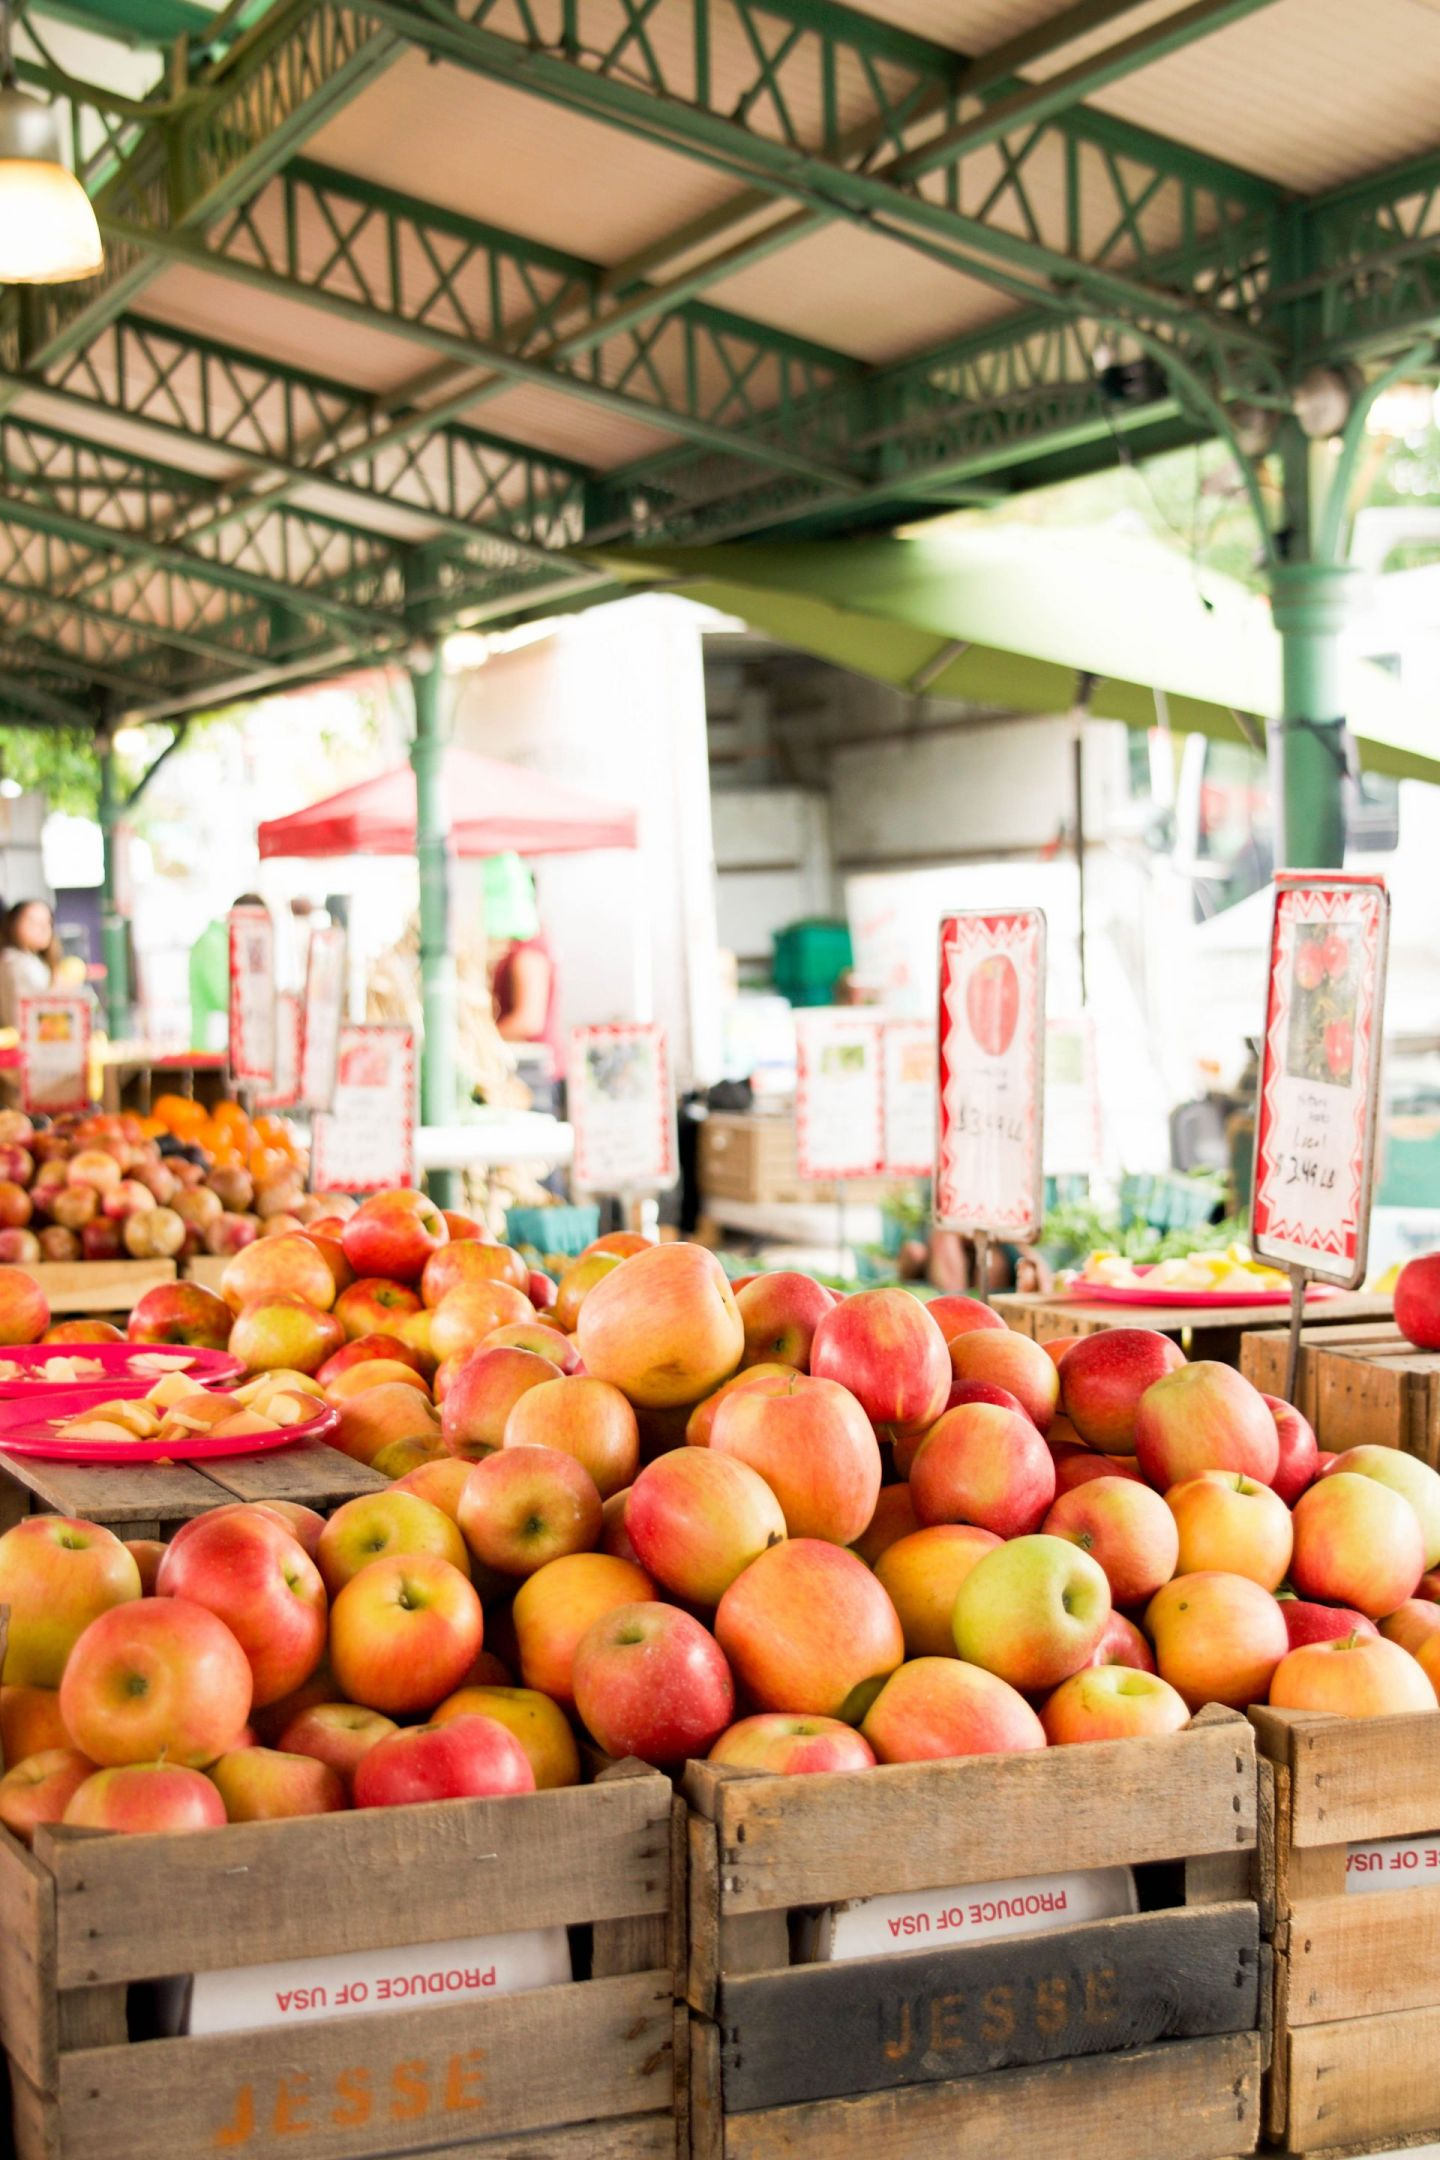 eastern market dc - eastern market guide - dc farmers market